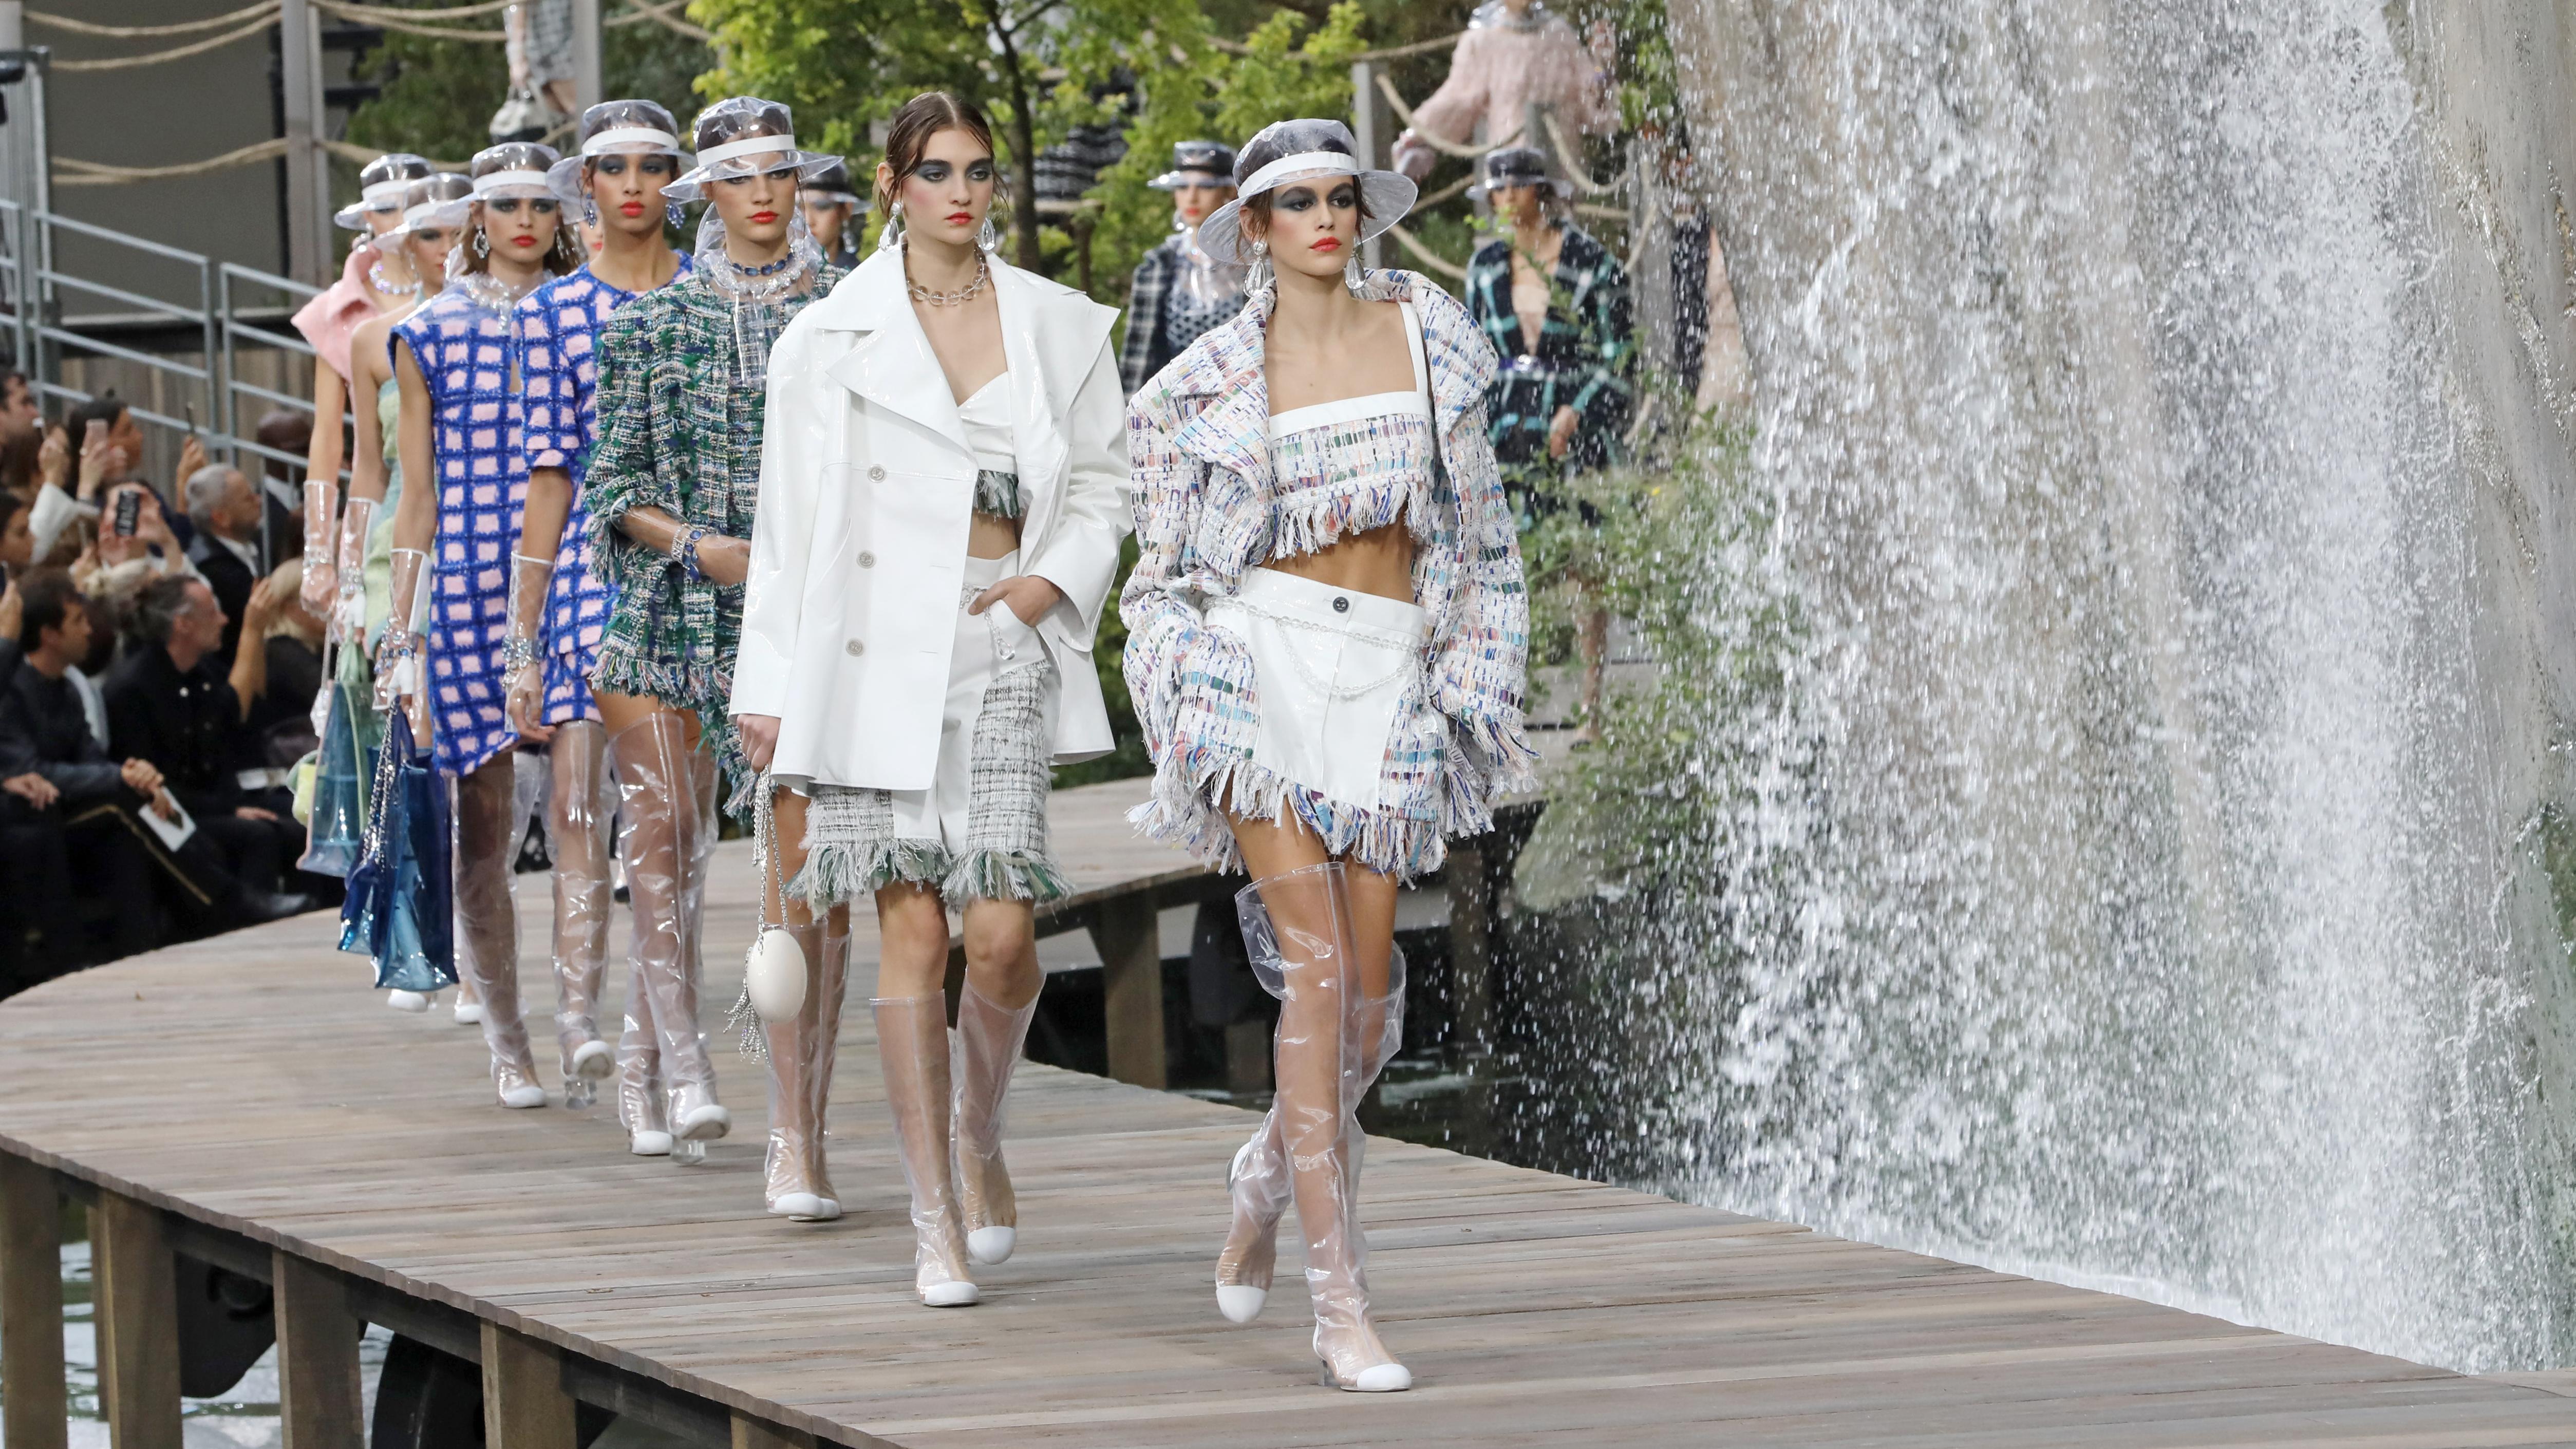 Kaia Gerber kết thúc mùa Xuân Hè 2018 không thể thành công hơn khi cô được chọn làm gương mặt mở màn cho show diễn độc đáo của Chanel.